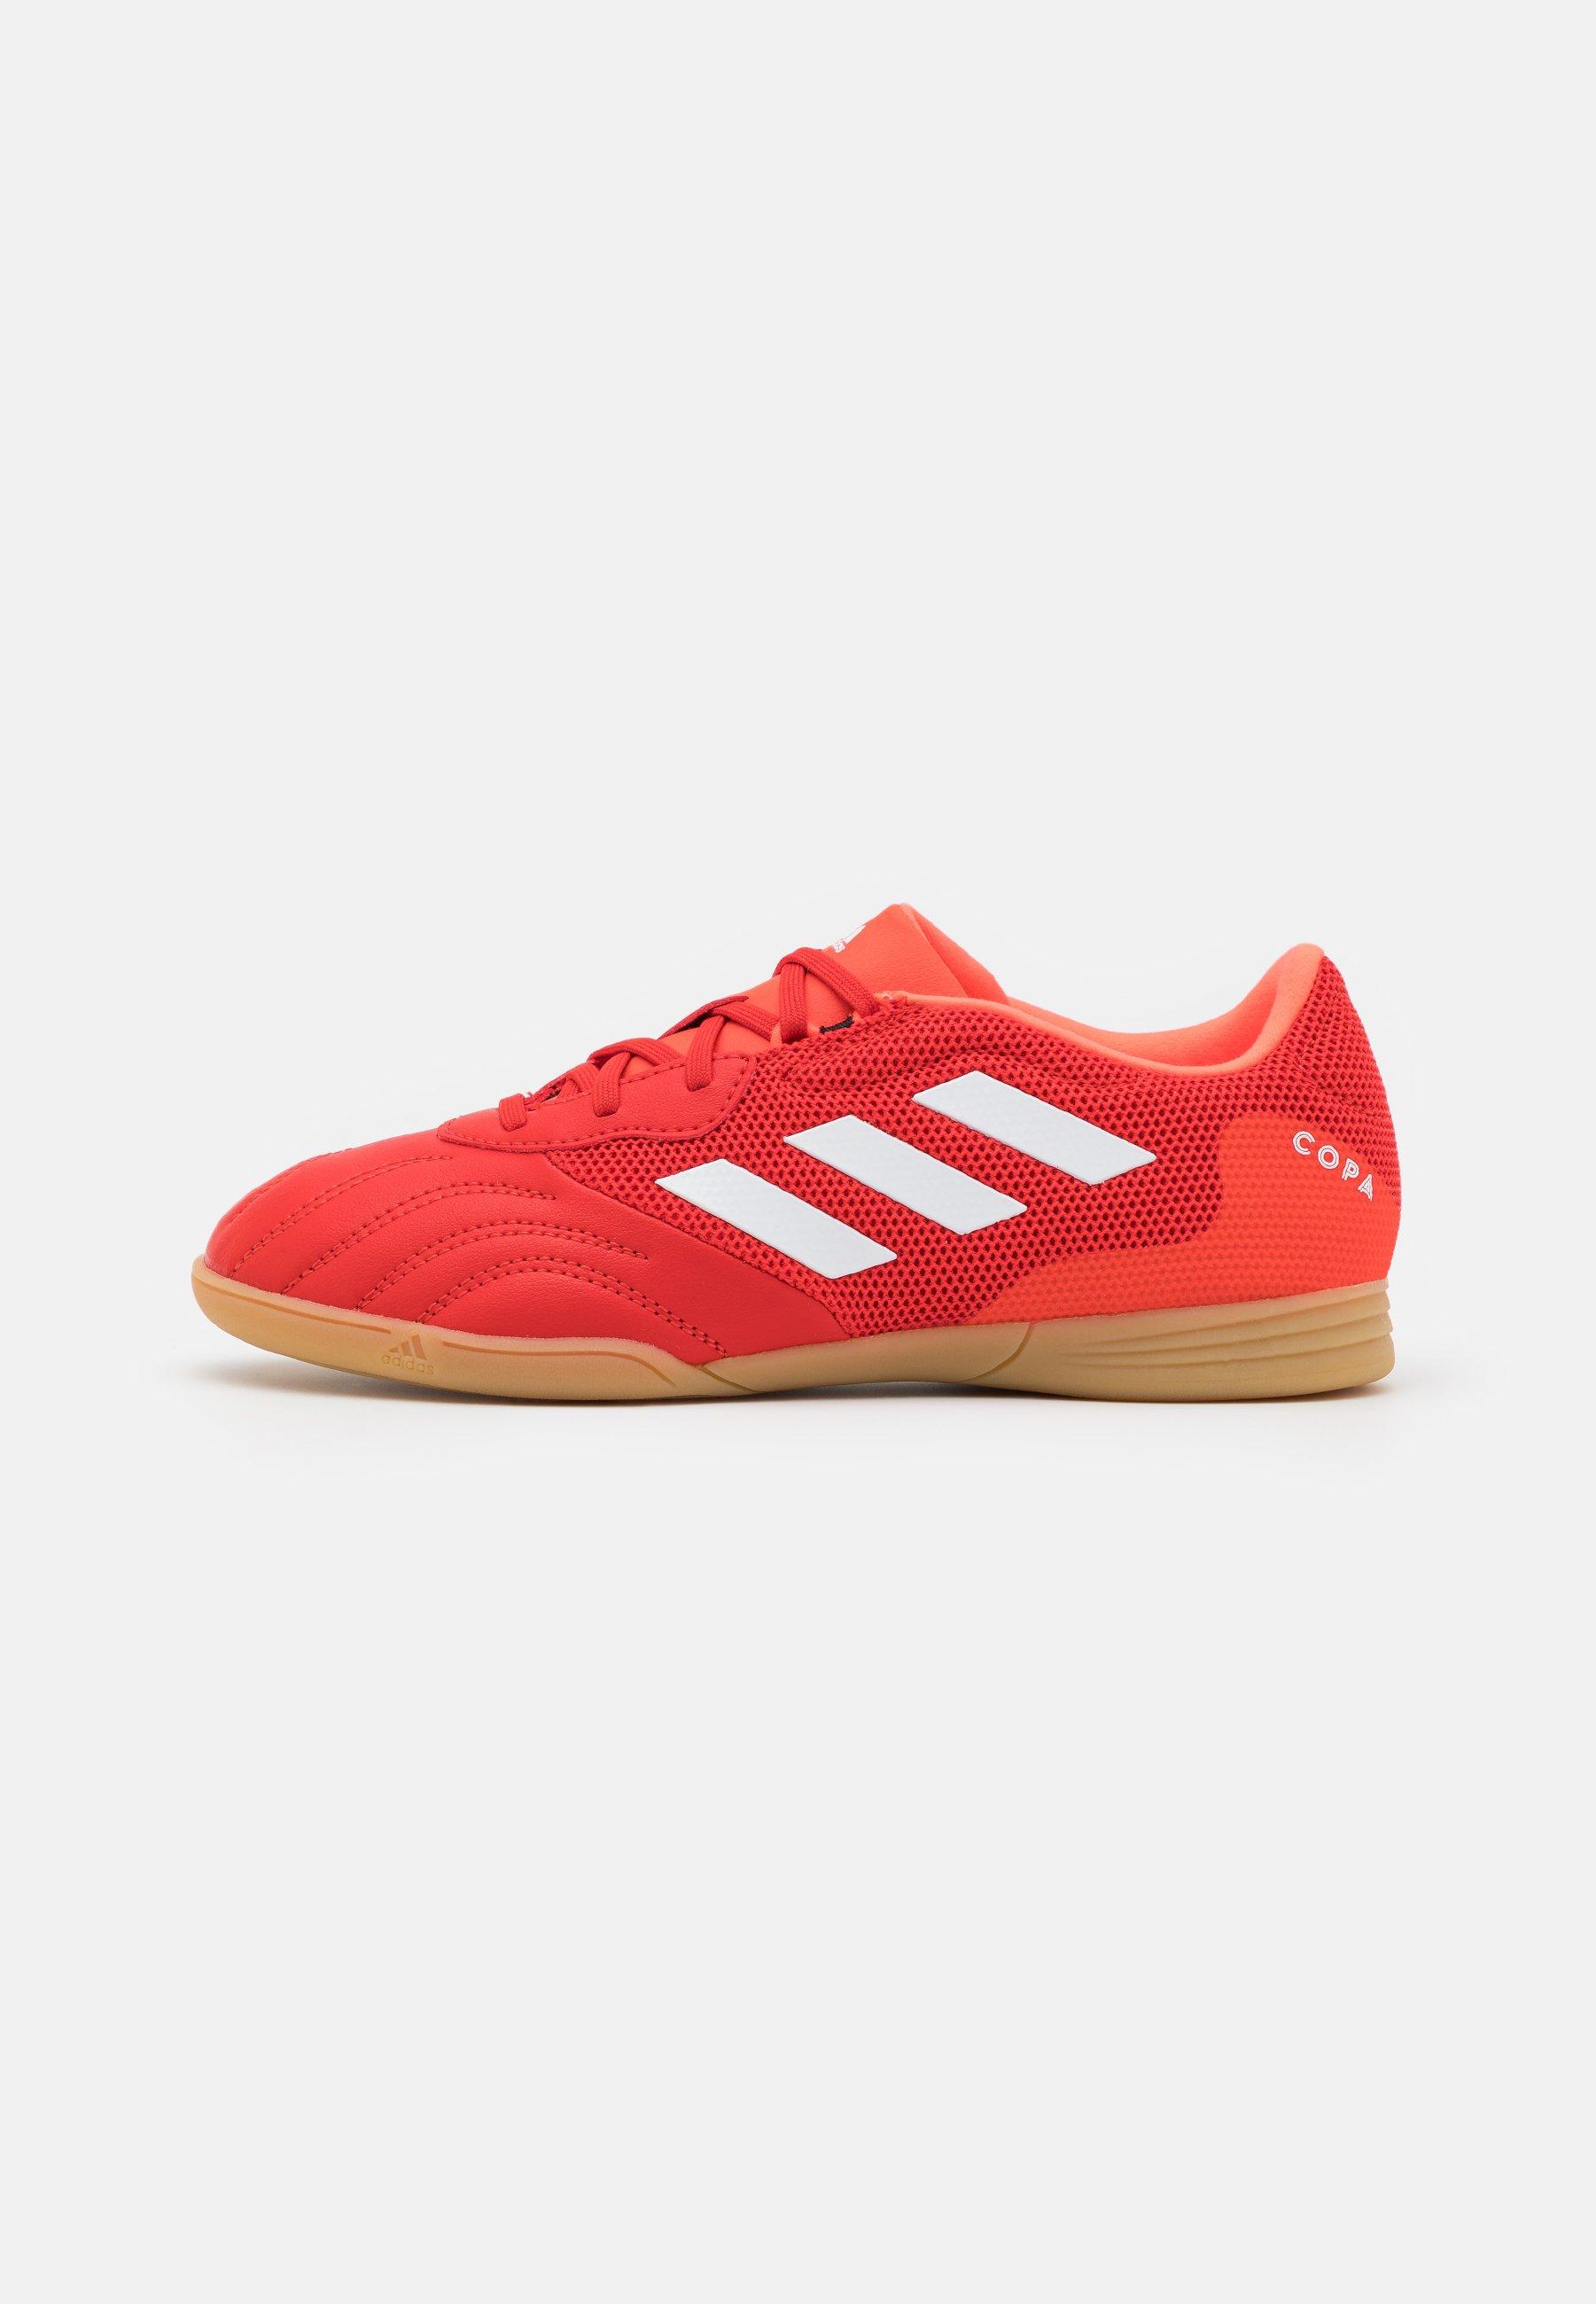 Enfant COPA SENSE.3 SALA UNISEX - Chaussures de foot en salle